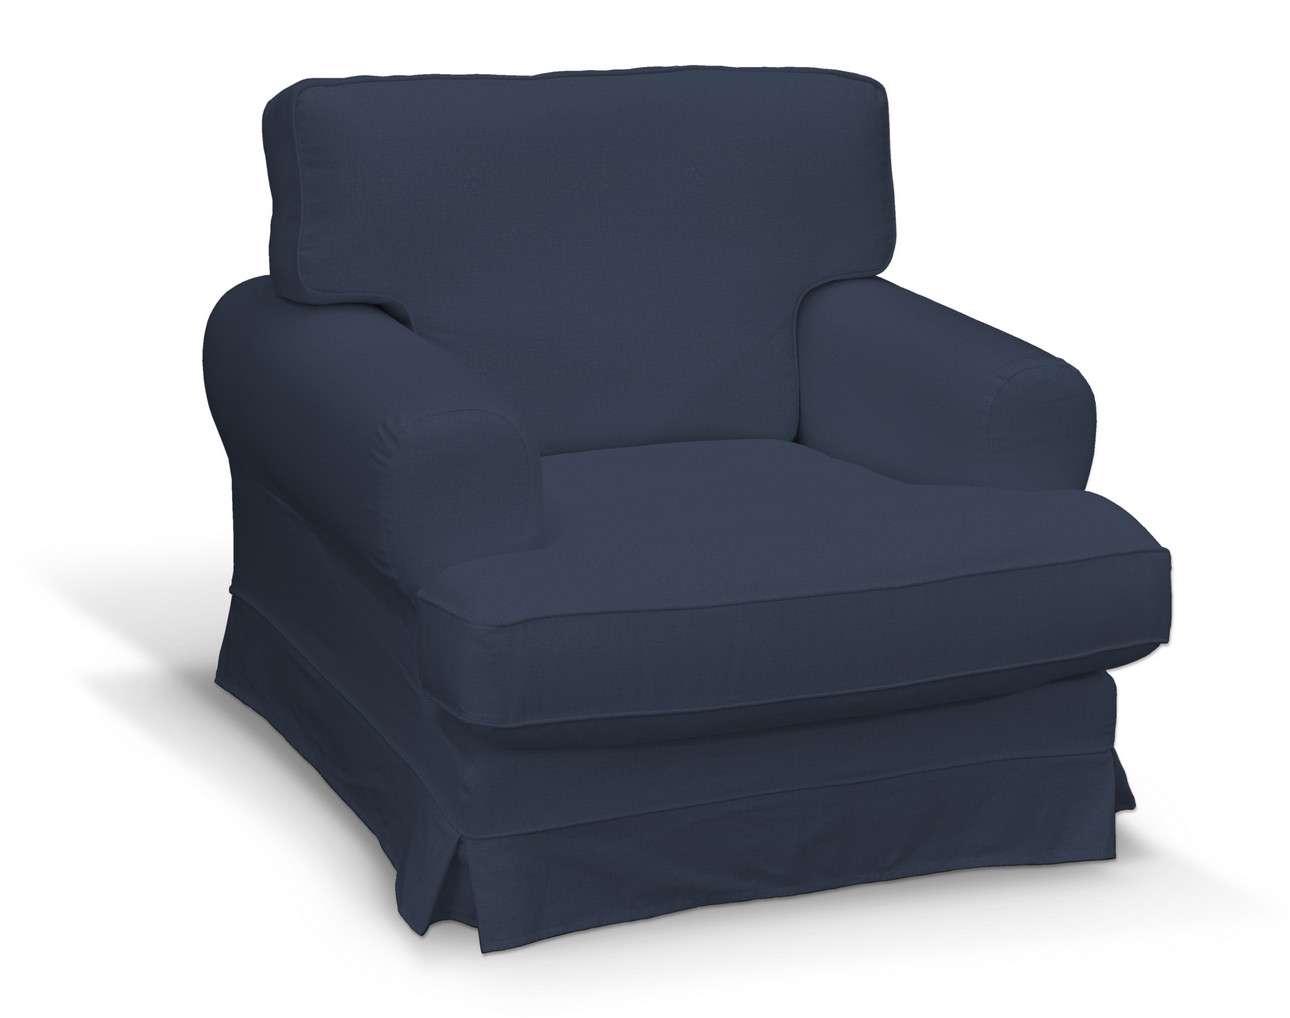 Pokrowiec na fotel Ekeskog w kolekcji Ingrid, tkanina: 705-39